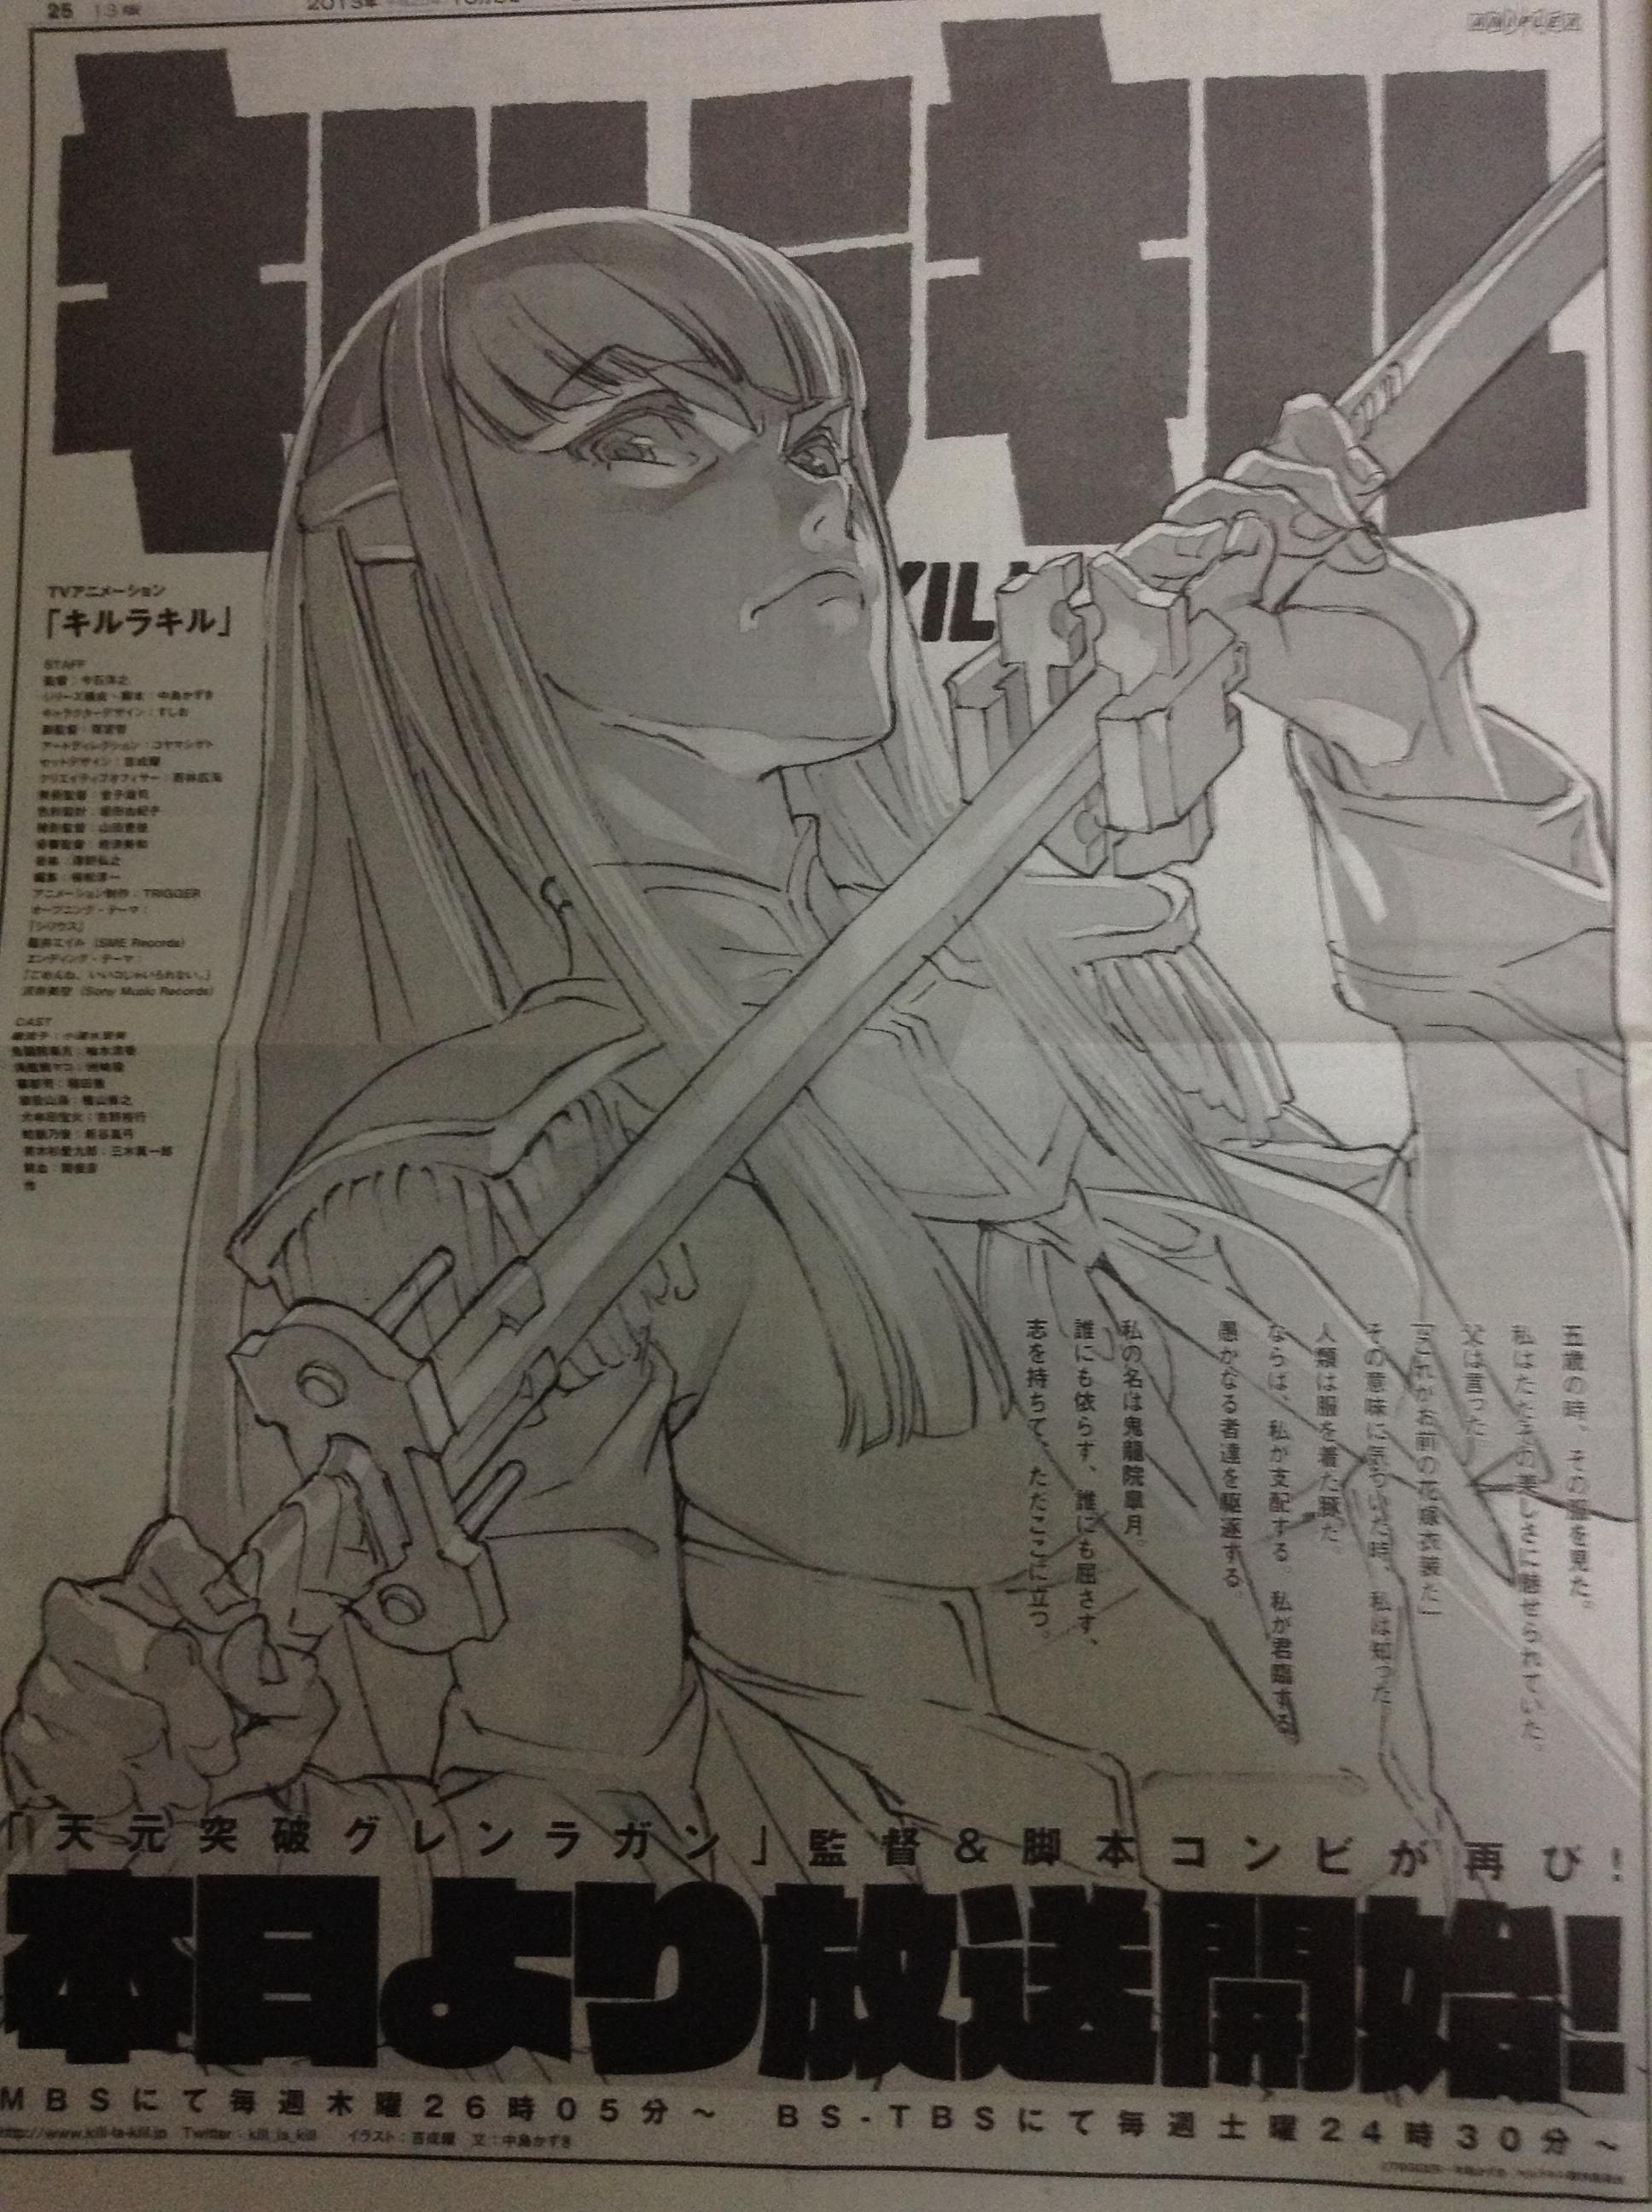 『キルラキル』 大阪版朝日新聞朝刊に皐月イラスト掲載!